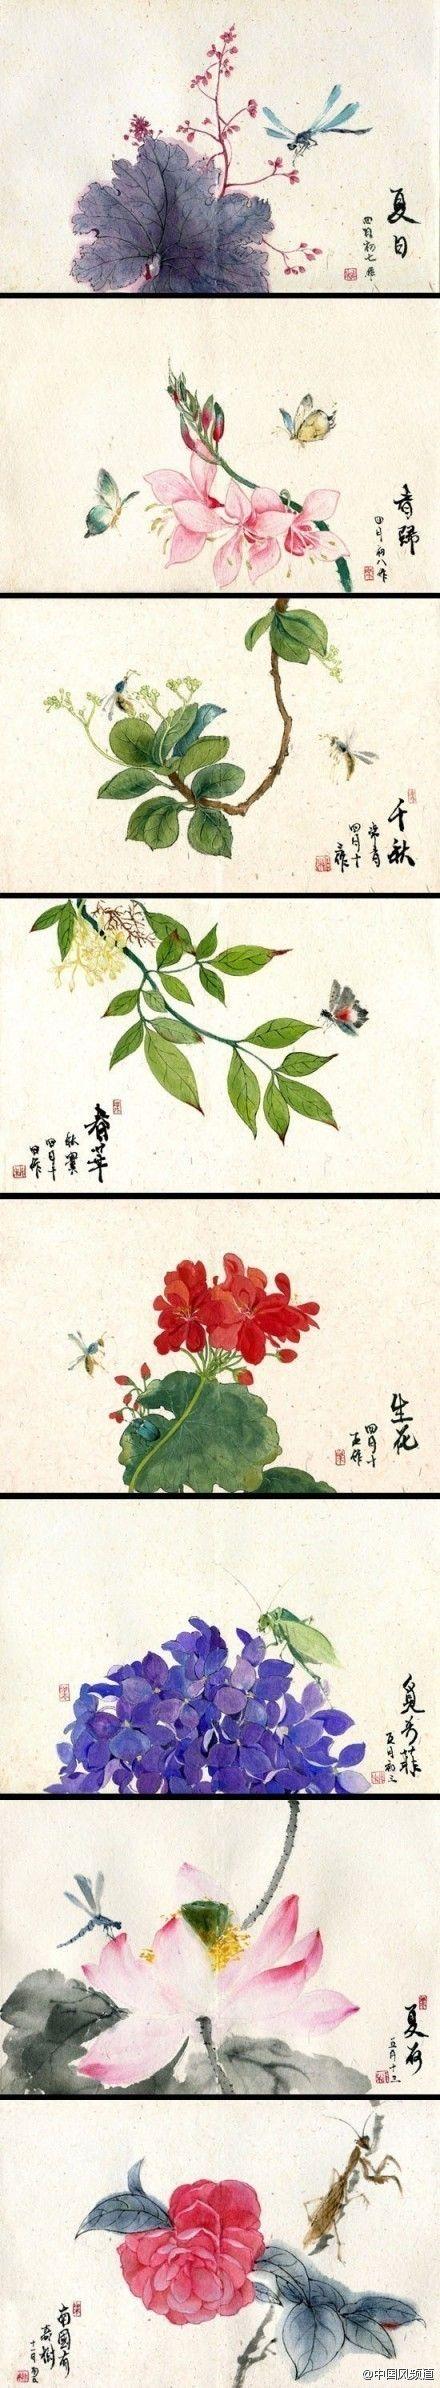 【中国风手绘】绛衣披拂露盈盈,淡染胭脂一朵轻。